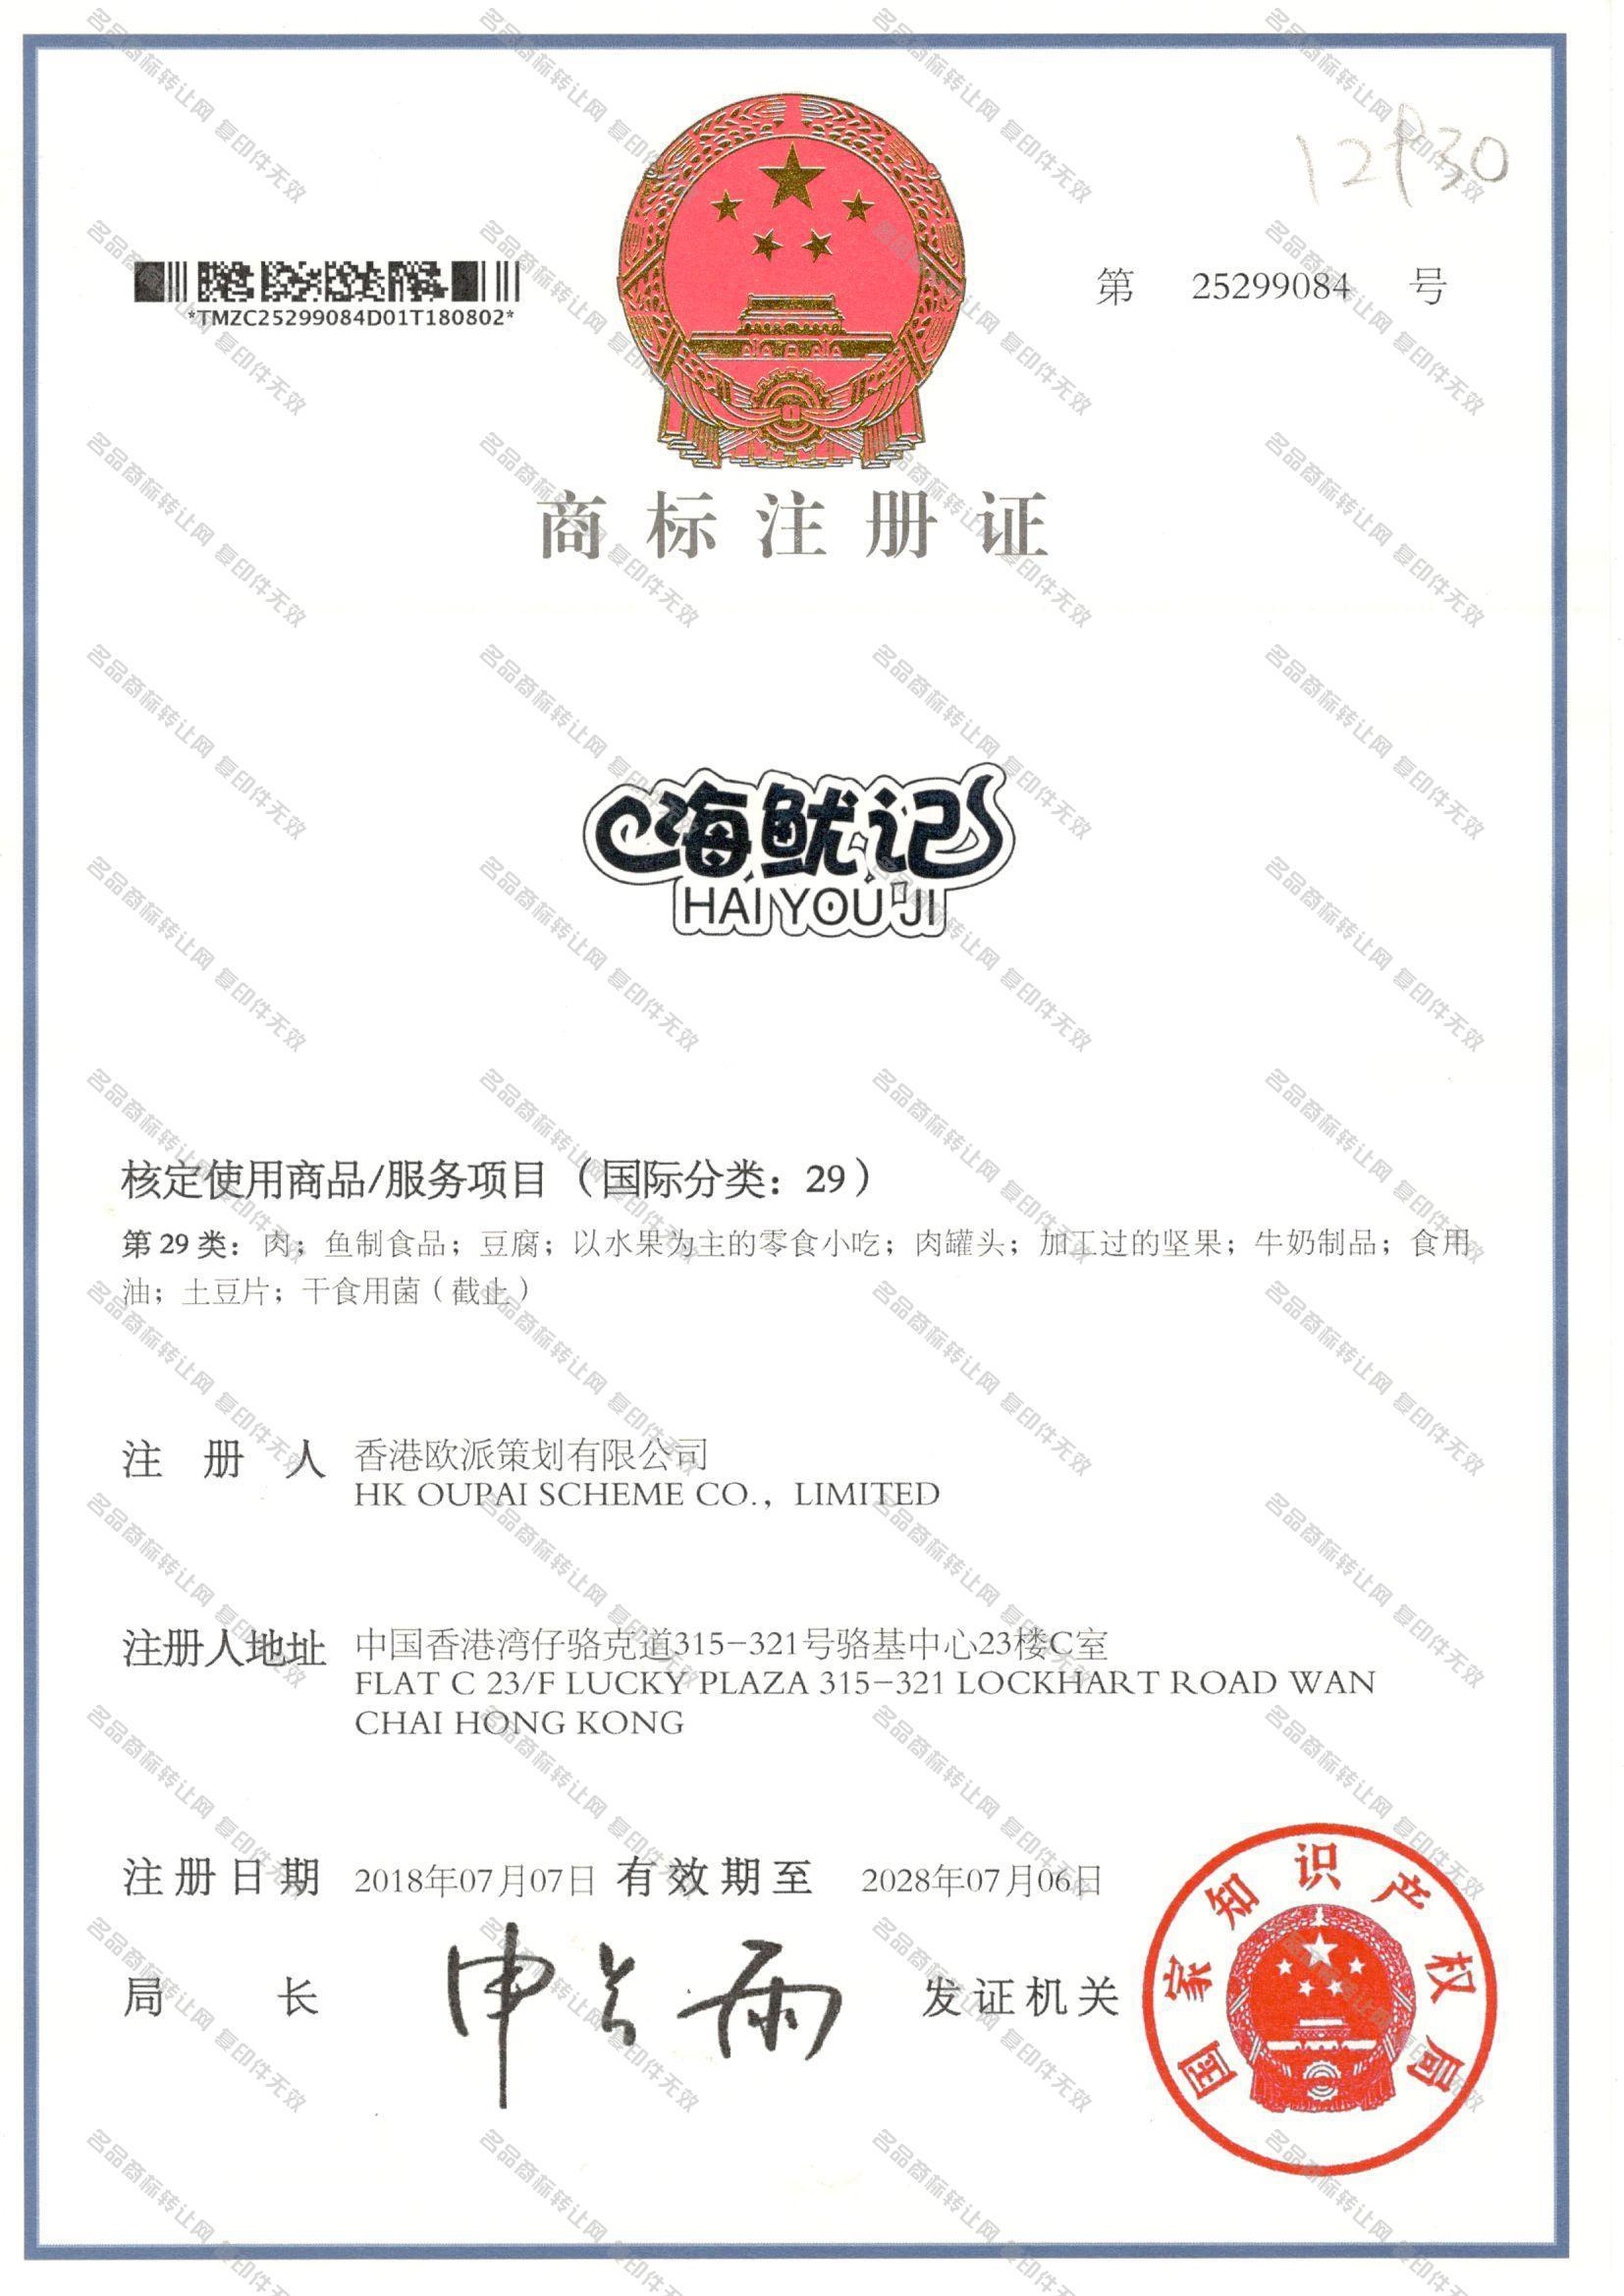 海鱿记 HAIYOUJI注册证